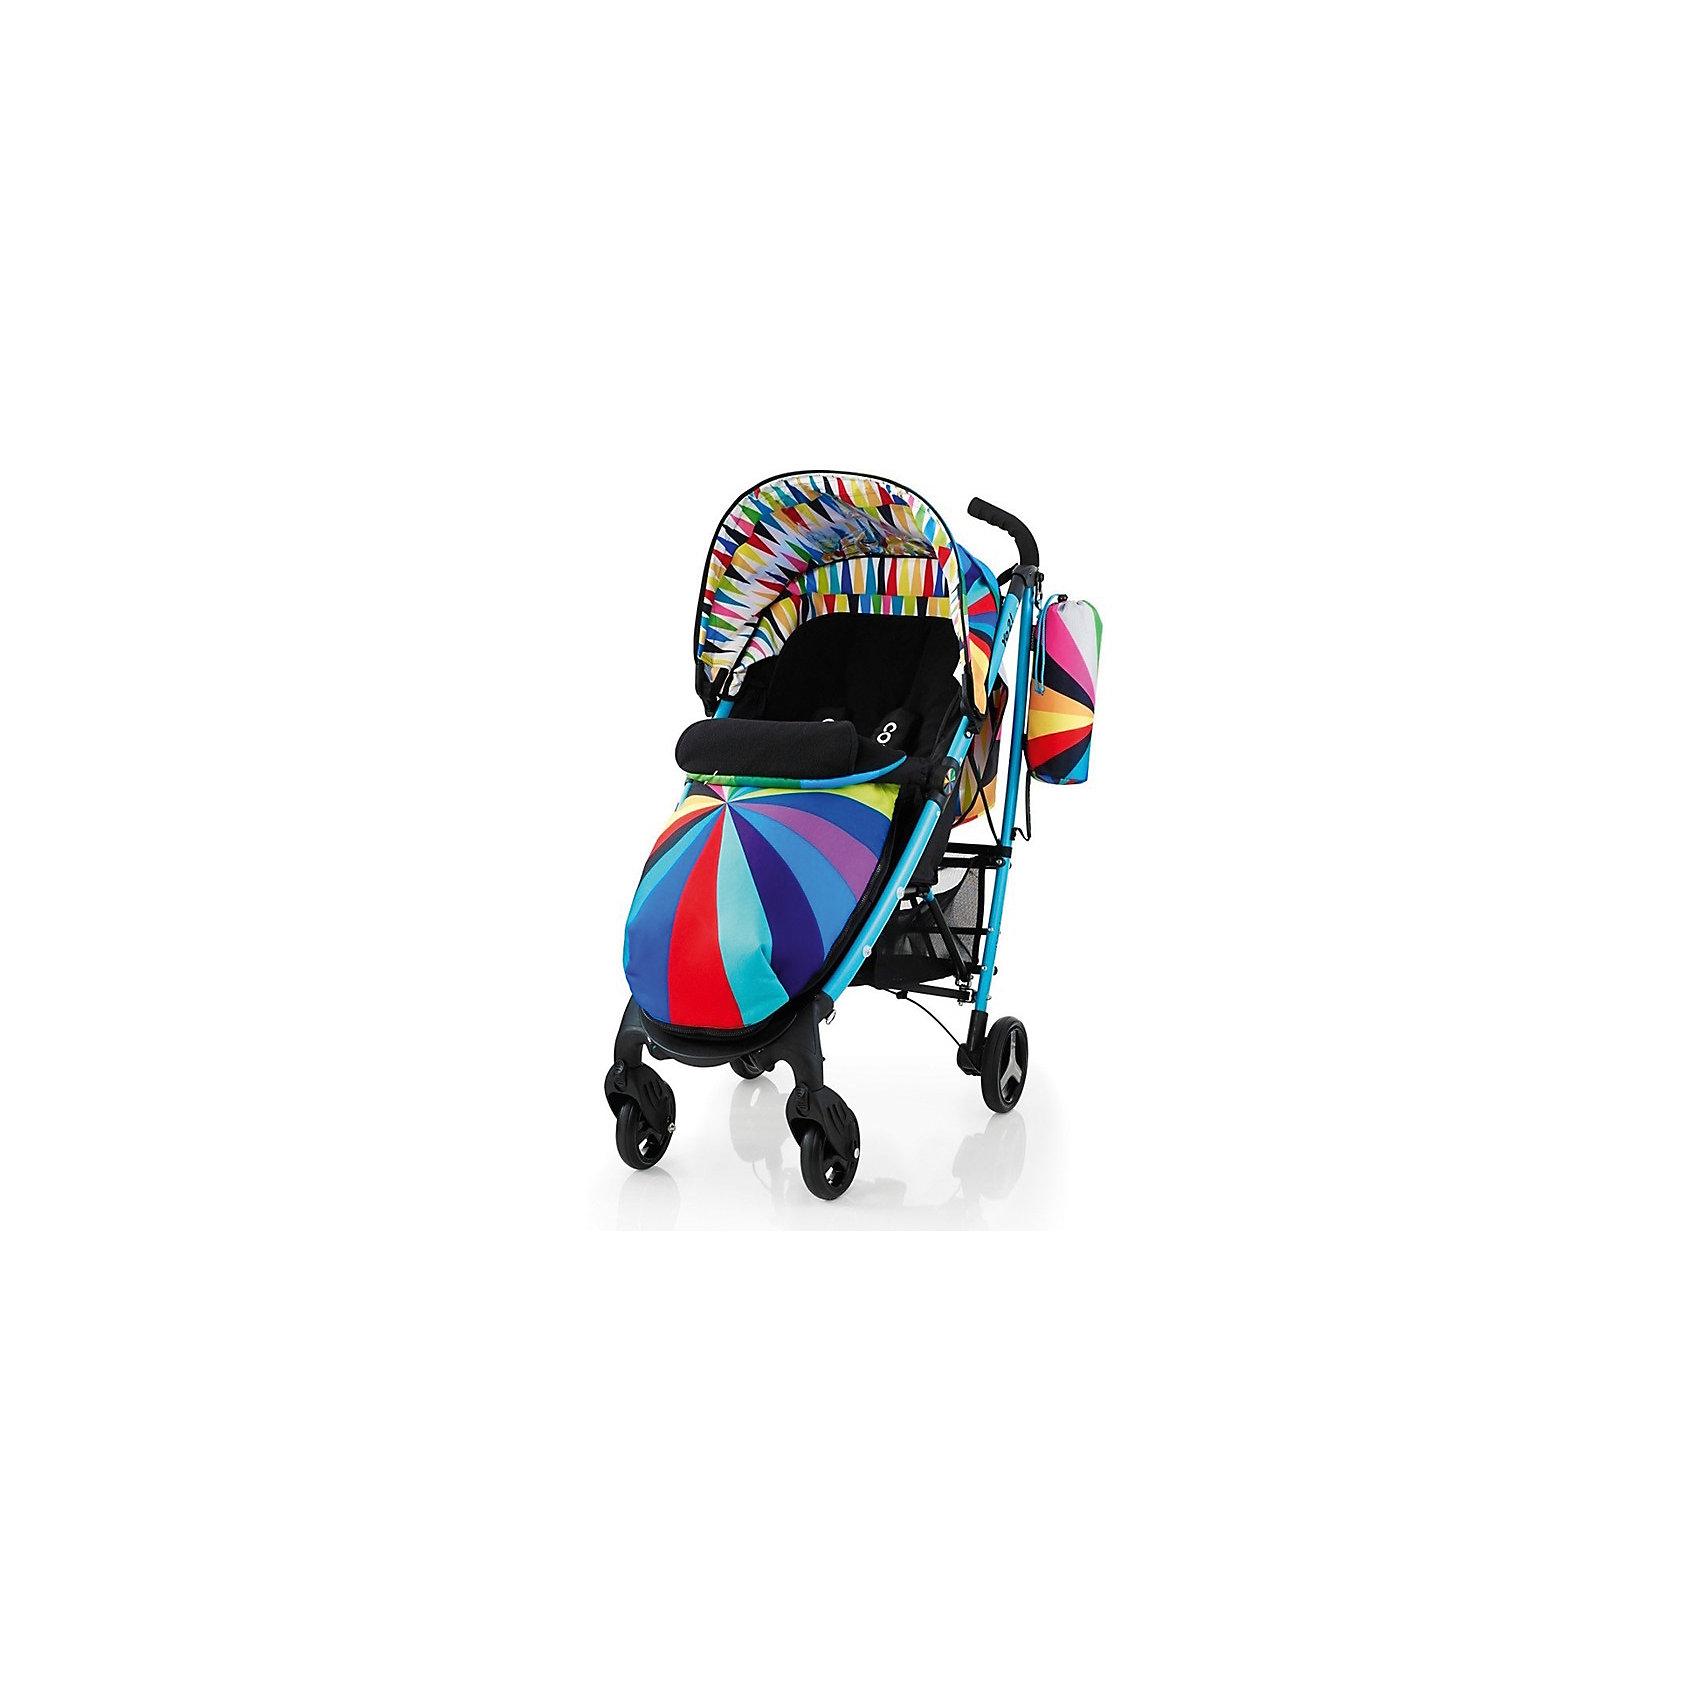 Прогулочная коляска Cosatto YO 2, Go BrightlyПрогулочные коляски<br>Комфортная прогулочная коляска – залог приятного пешего приключения мамы и малыша. Дизайн и функциональность одновременно – вот главное преимущество новой модели. Все материалы, использованные при изготовлении, безопасны и отвечают требованиям по качеству продукции.<br><br>Дополнительные характеристики: <br><br>цвет: Go Brightly;<br>возраст: 0-3 года;<br>механизм складывания: трость;<br>регулировка спинки;<br>пятиточечные ремни безопасности;<br>габариты: 80 х 44,5 х 102 см;<br>материал шасси: алюминий;<br>комплектация: блок для прогулок, бампер, складывающиеся шасси, подголовник, подстаканник, защита от дождя и солнца, регулируемая ручка, чехол для ножек.<br><br>Прогулочную коляску YO 2от компании Cosatto можно приобрести в нашем магазине.<br><br>Ширина мм: 1020<br>Глубина мм: 340<br>Высота мм: 250<br>Вес г: 12000<br>Возраст от месяцев: 6<br>Возраст до месяцев: 36<br>Пол: Унисекс<br>Возраст: Детский<br>SKU: 5025709